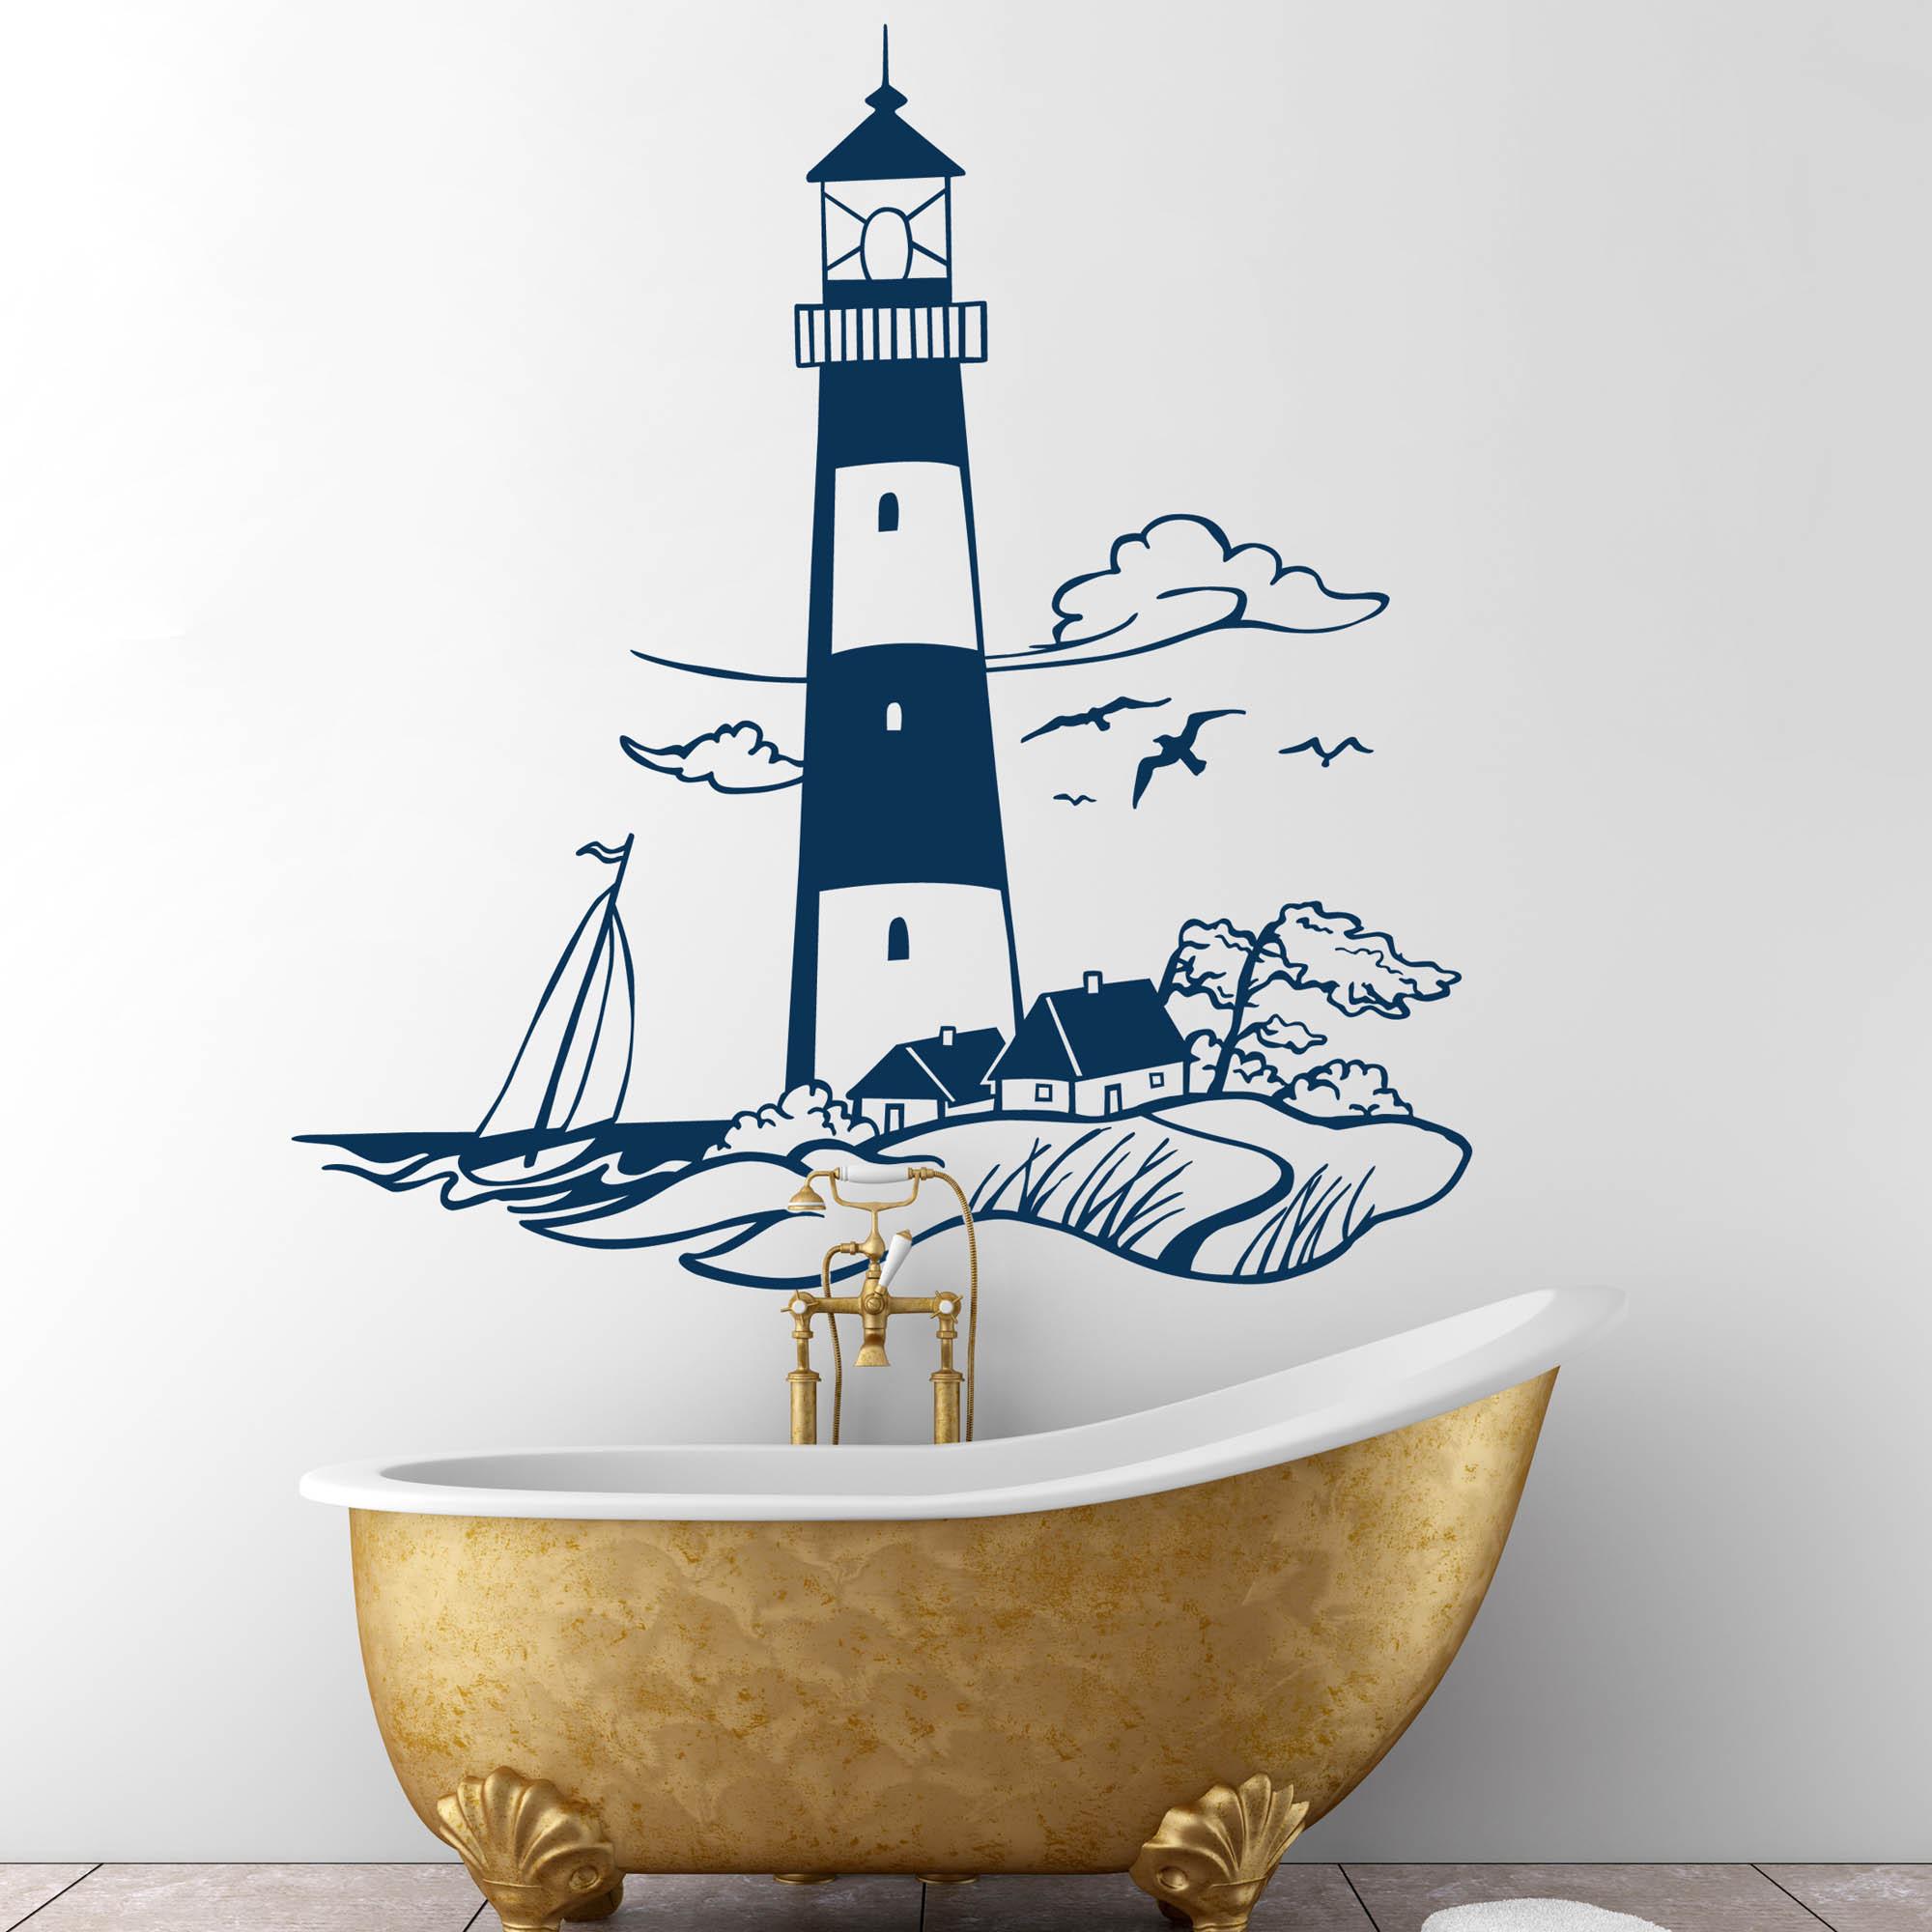 Wandtattoo leuchtturm meer k ste maritime landschaft m1430 wandtattoos elfent r tassen - Maritime wandtattoos ...